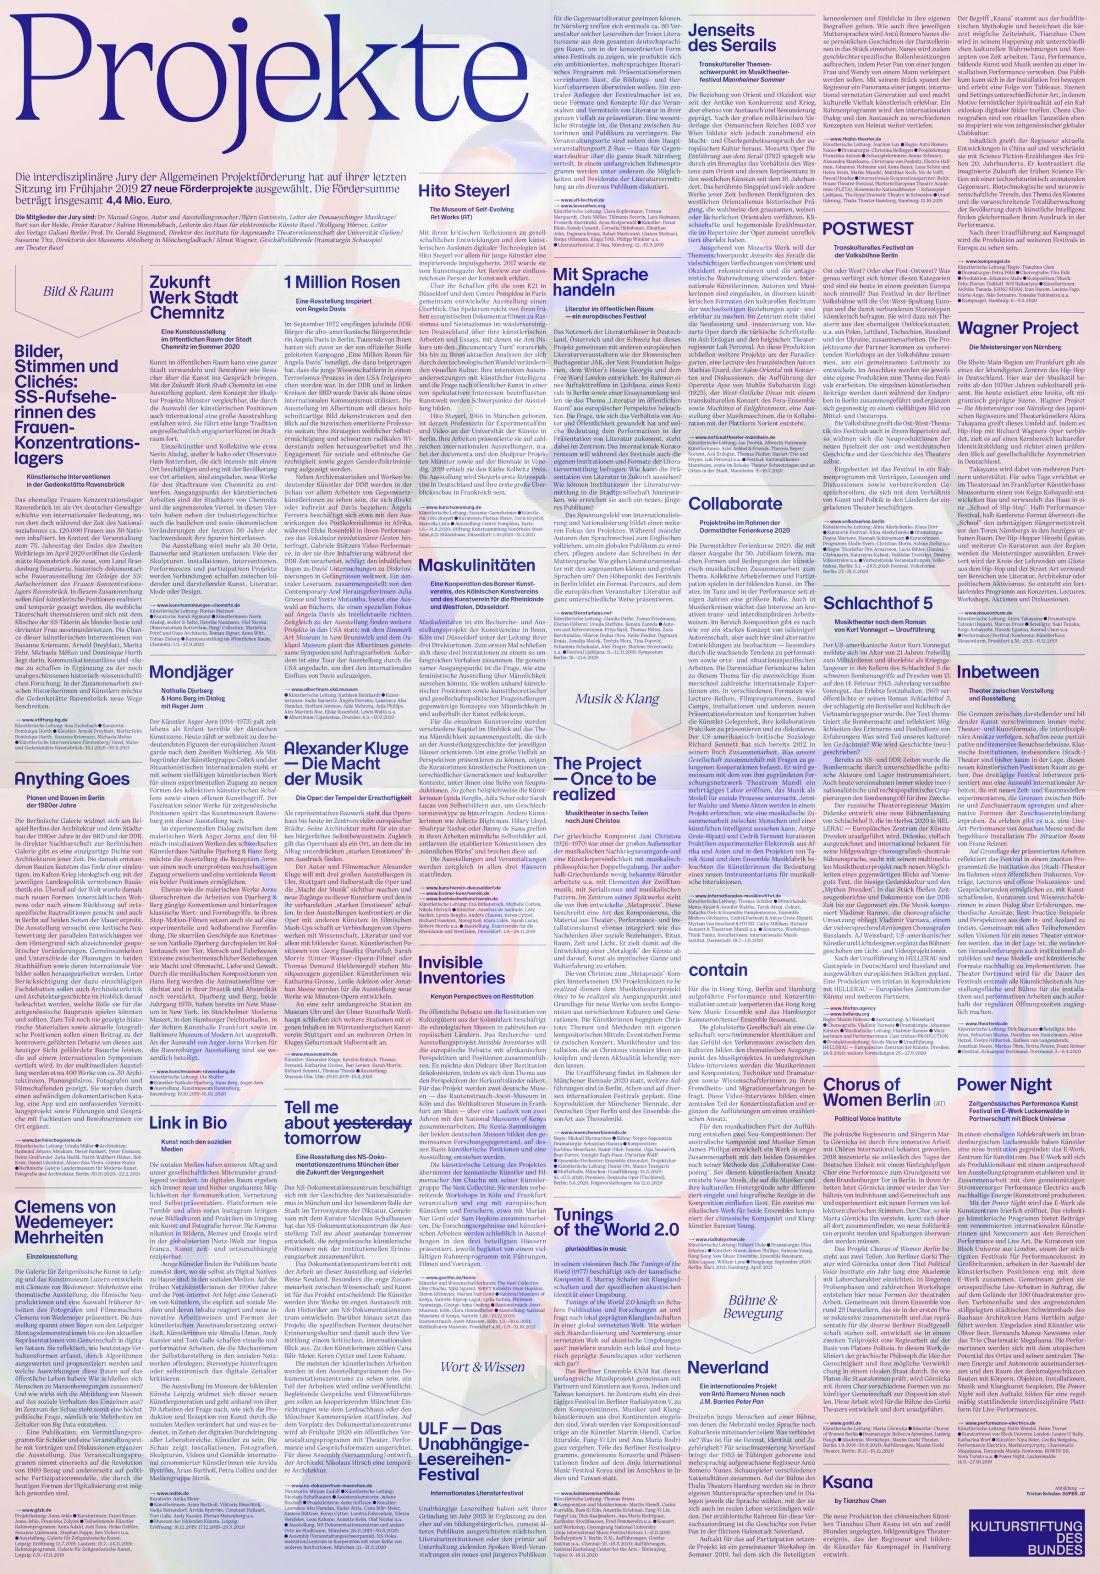 Bureau Est, kulturstiftung des bundes - issue 33, 2019